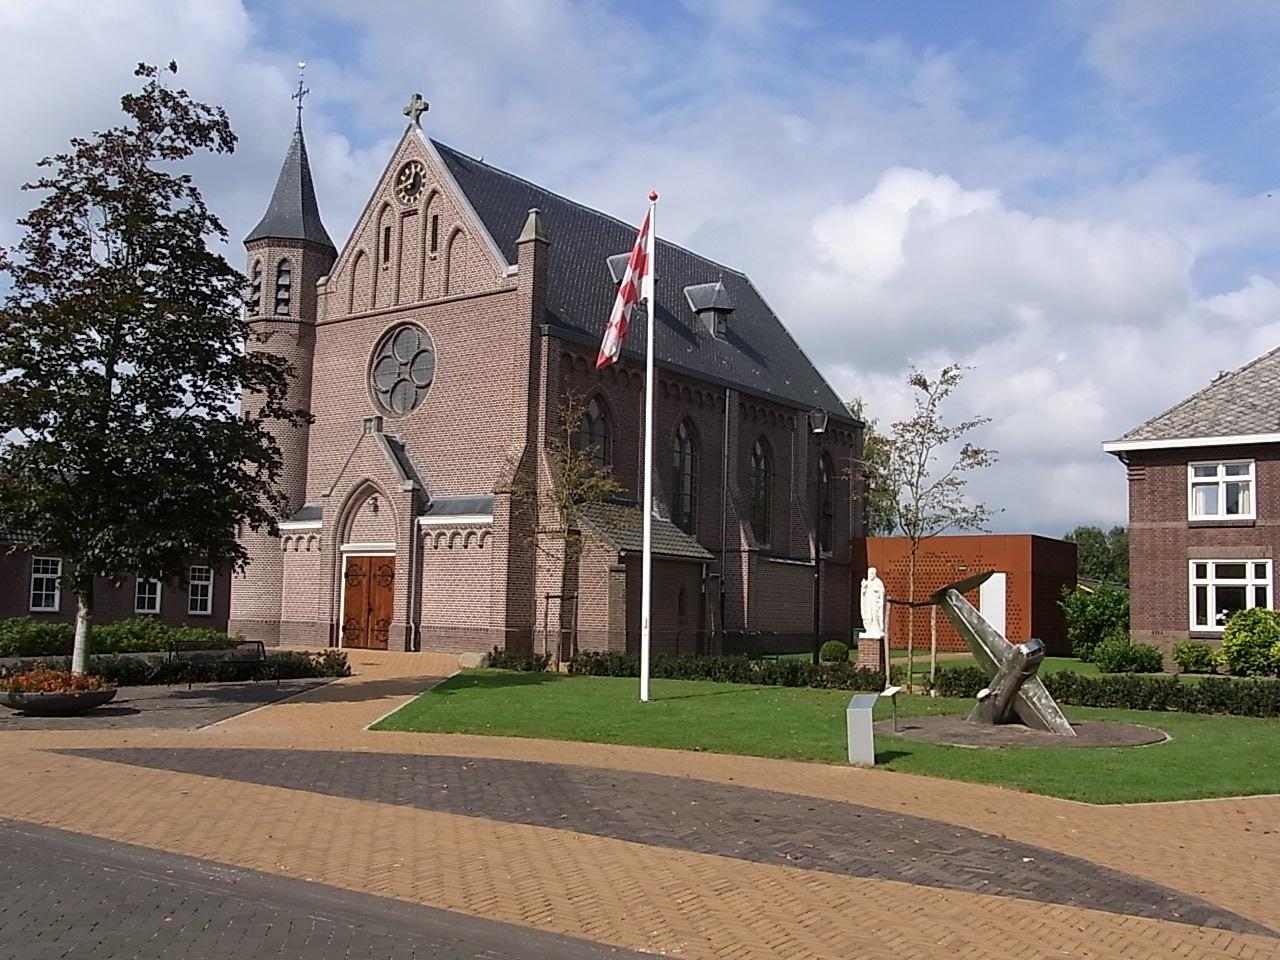 Schöne Kirche in Westerbeek